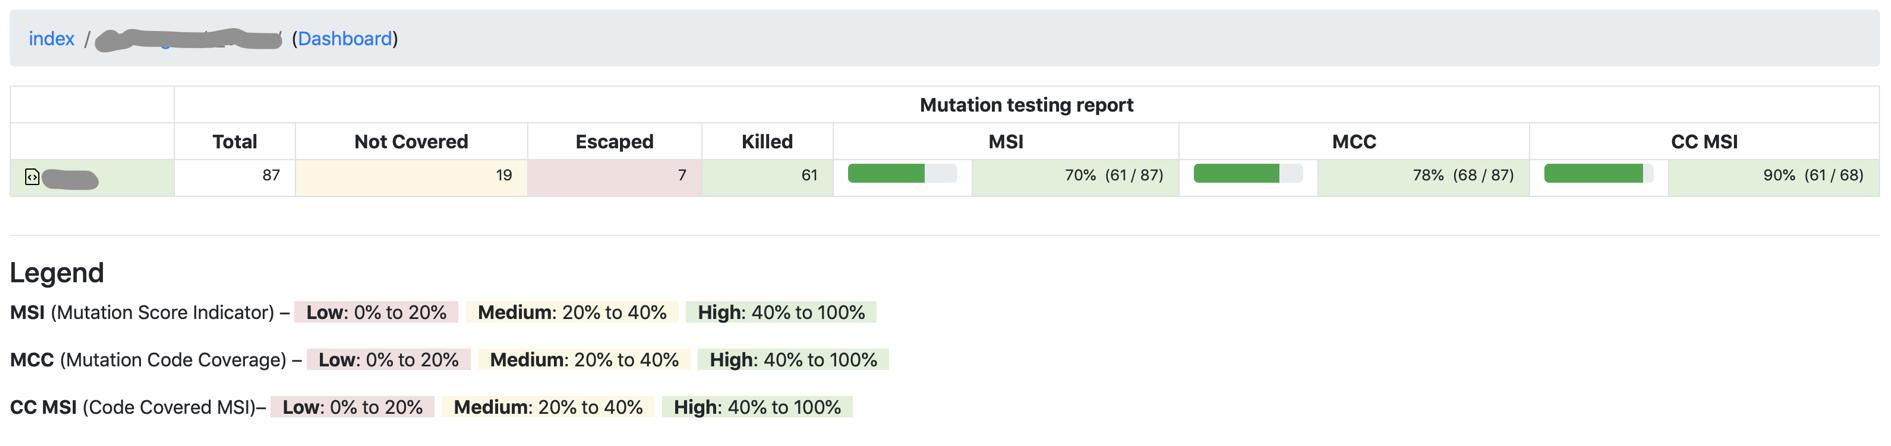 Мутационное тестирование в PHP: качественное измерение для code coverage - 9